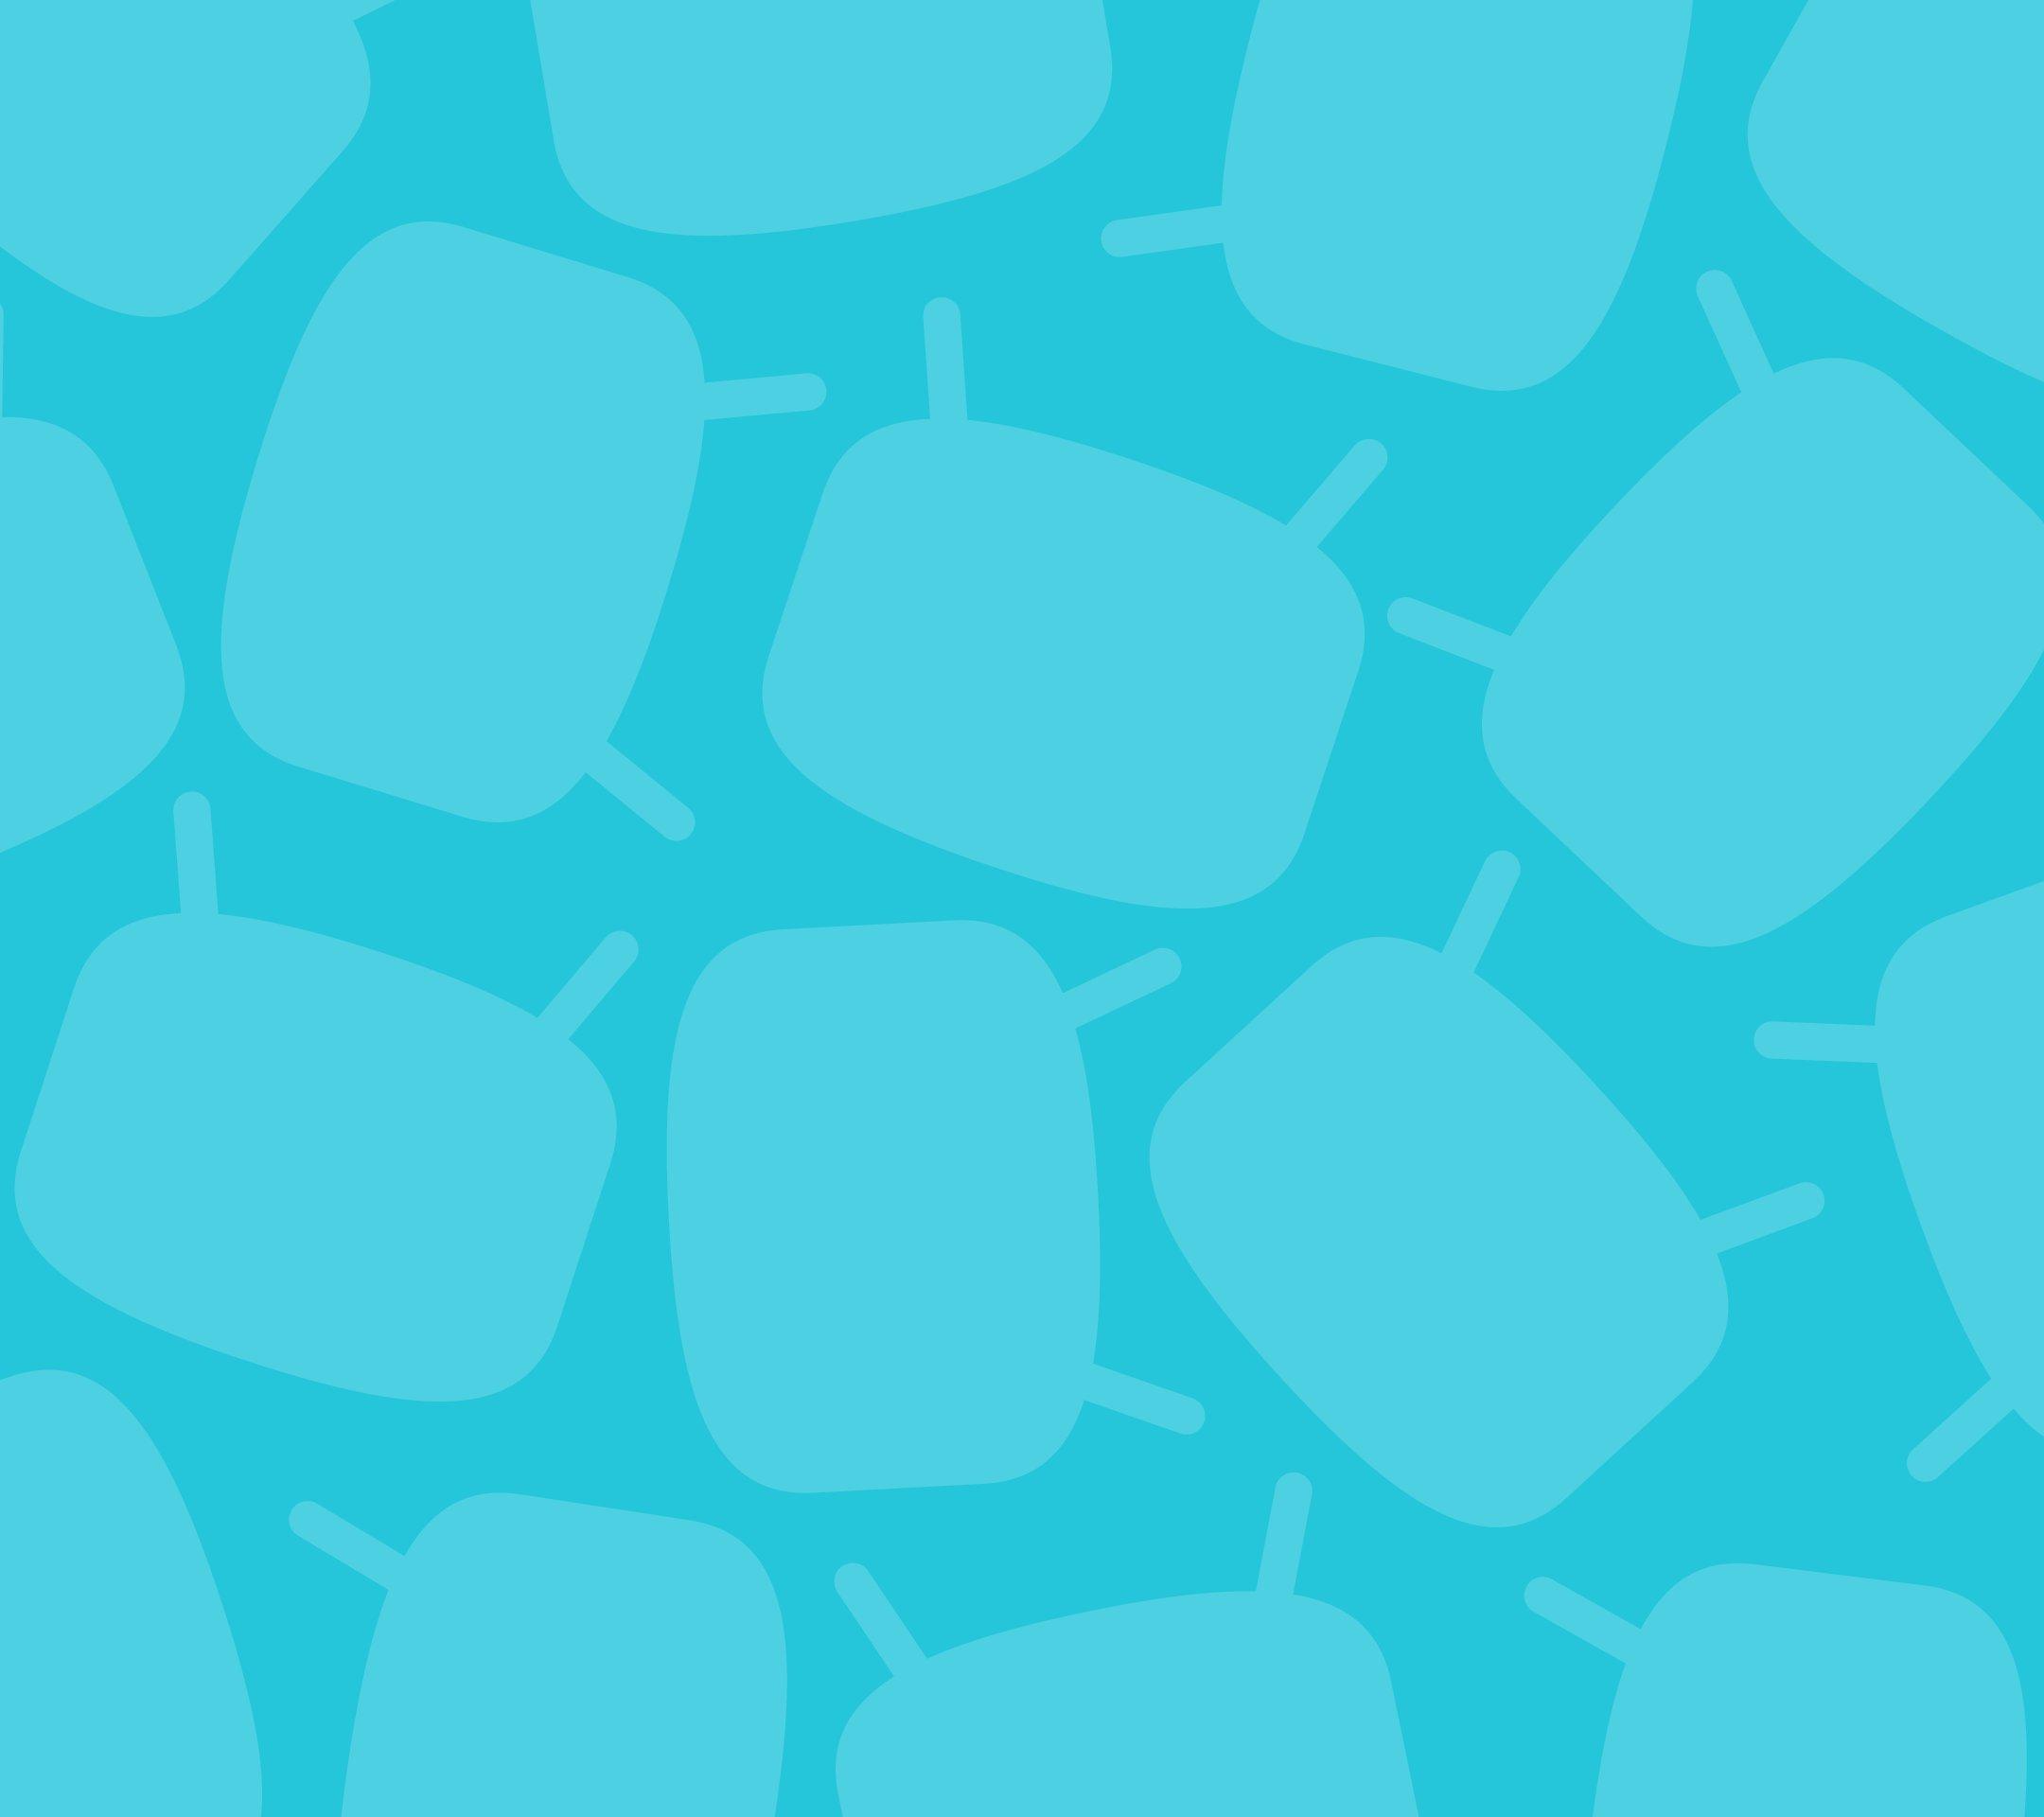 cyanogenmod 13 default stock wallpaper | cm 13 wallpaper full hd